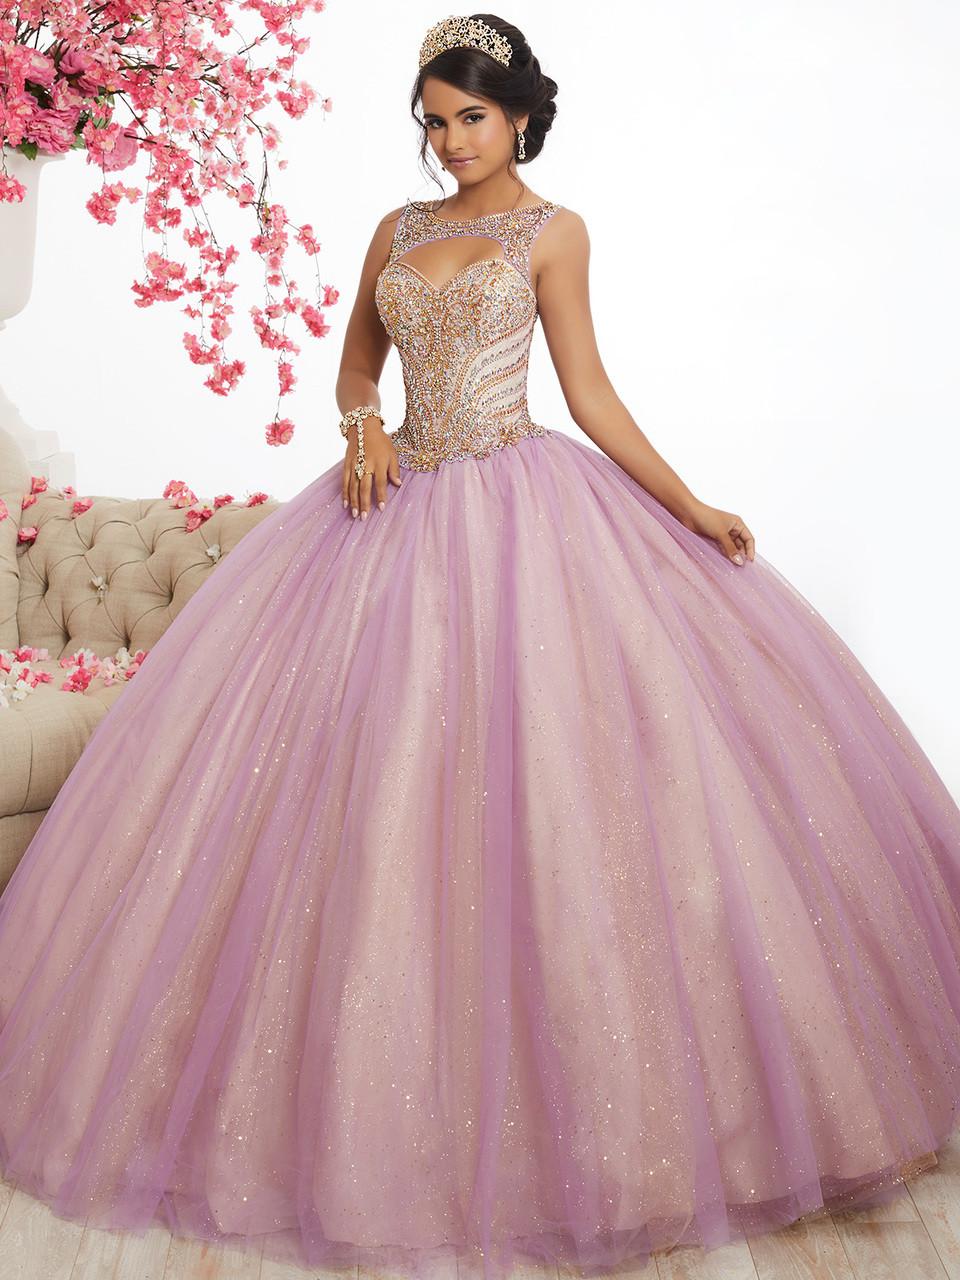 Sweetheart Ball Gown Fiesta Quinceanera Dress 56344 ...